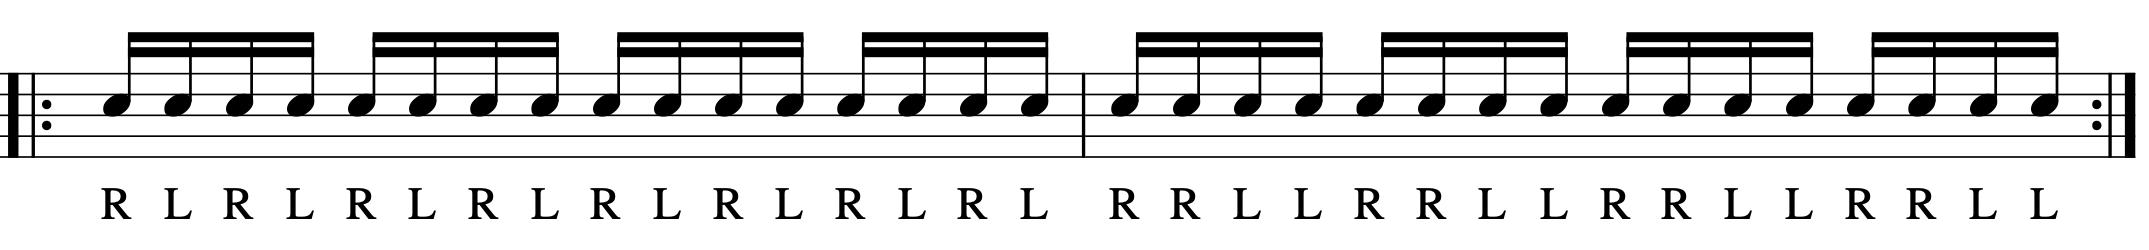 ダブルストロークの練習パターン-1